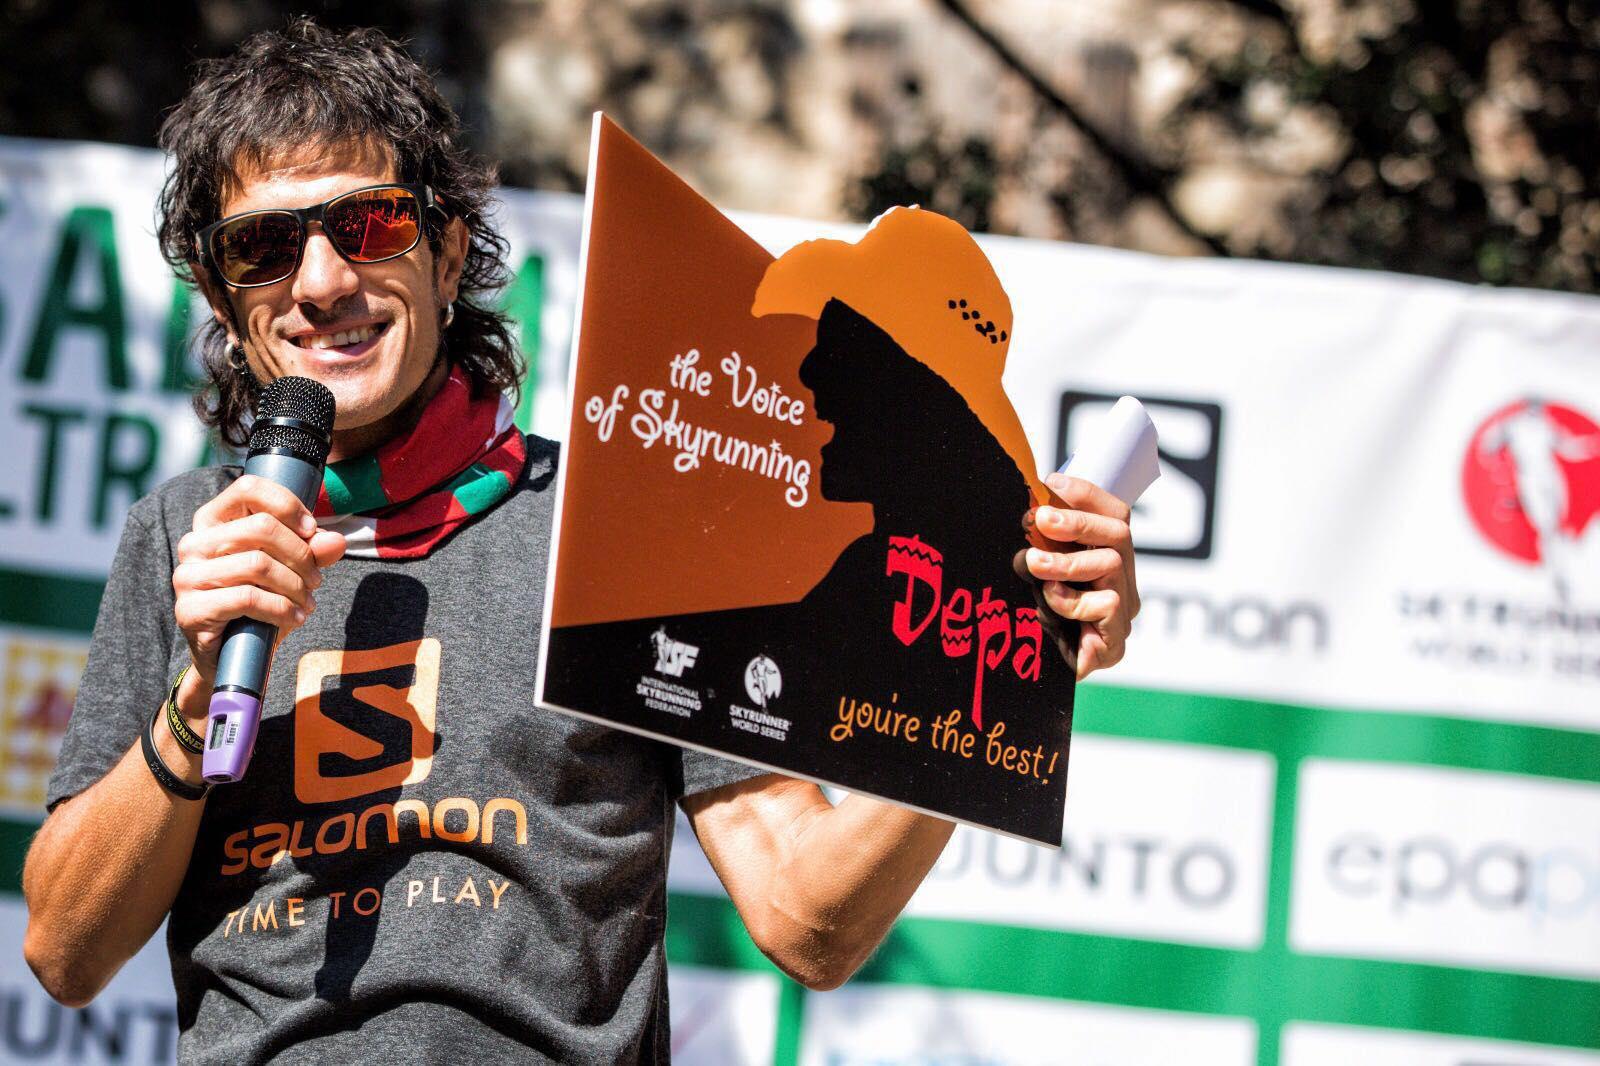 Depa Runner Jose Antonio De Pablo.jpg